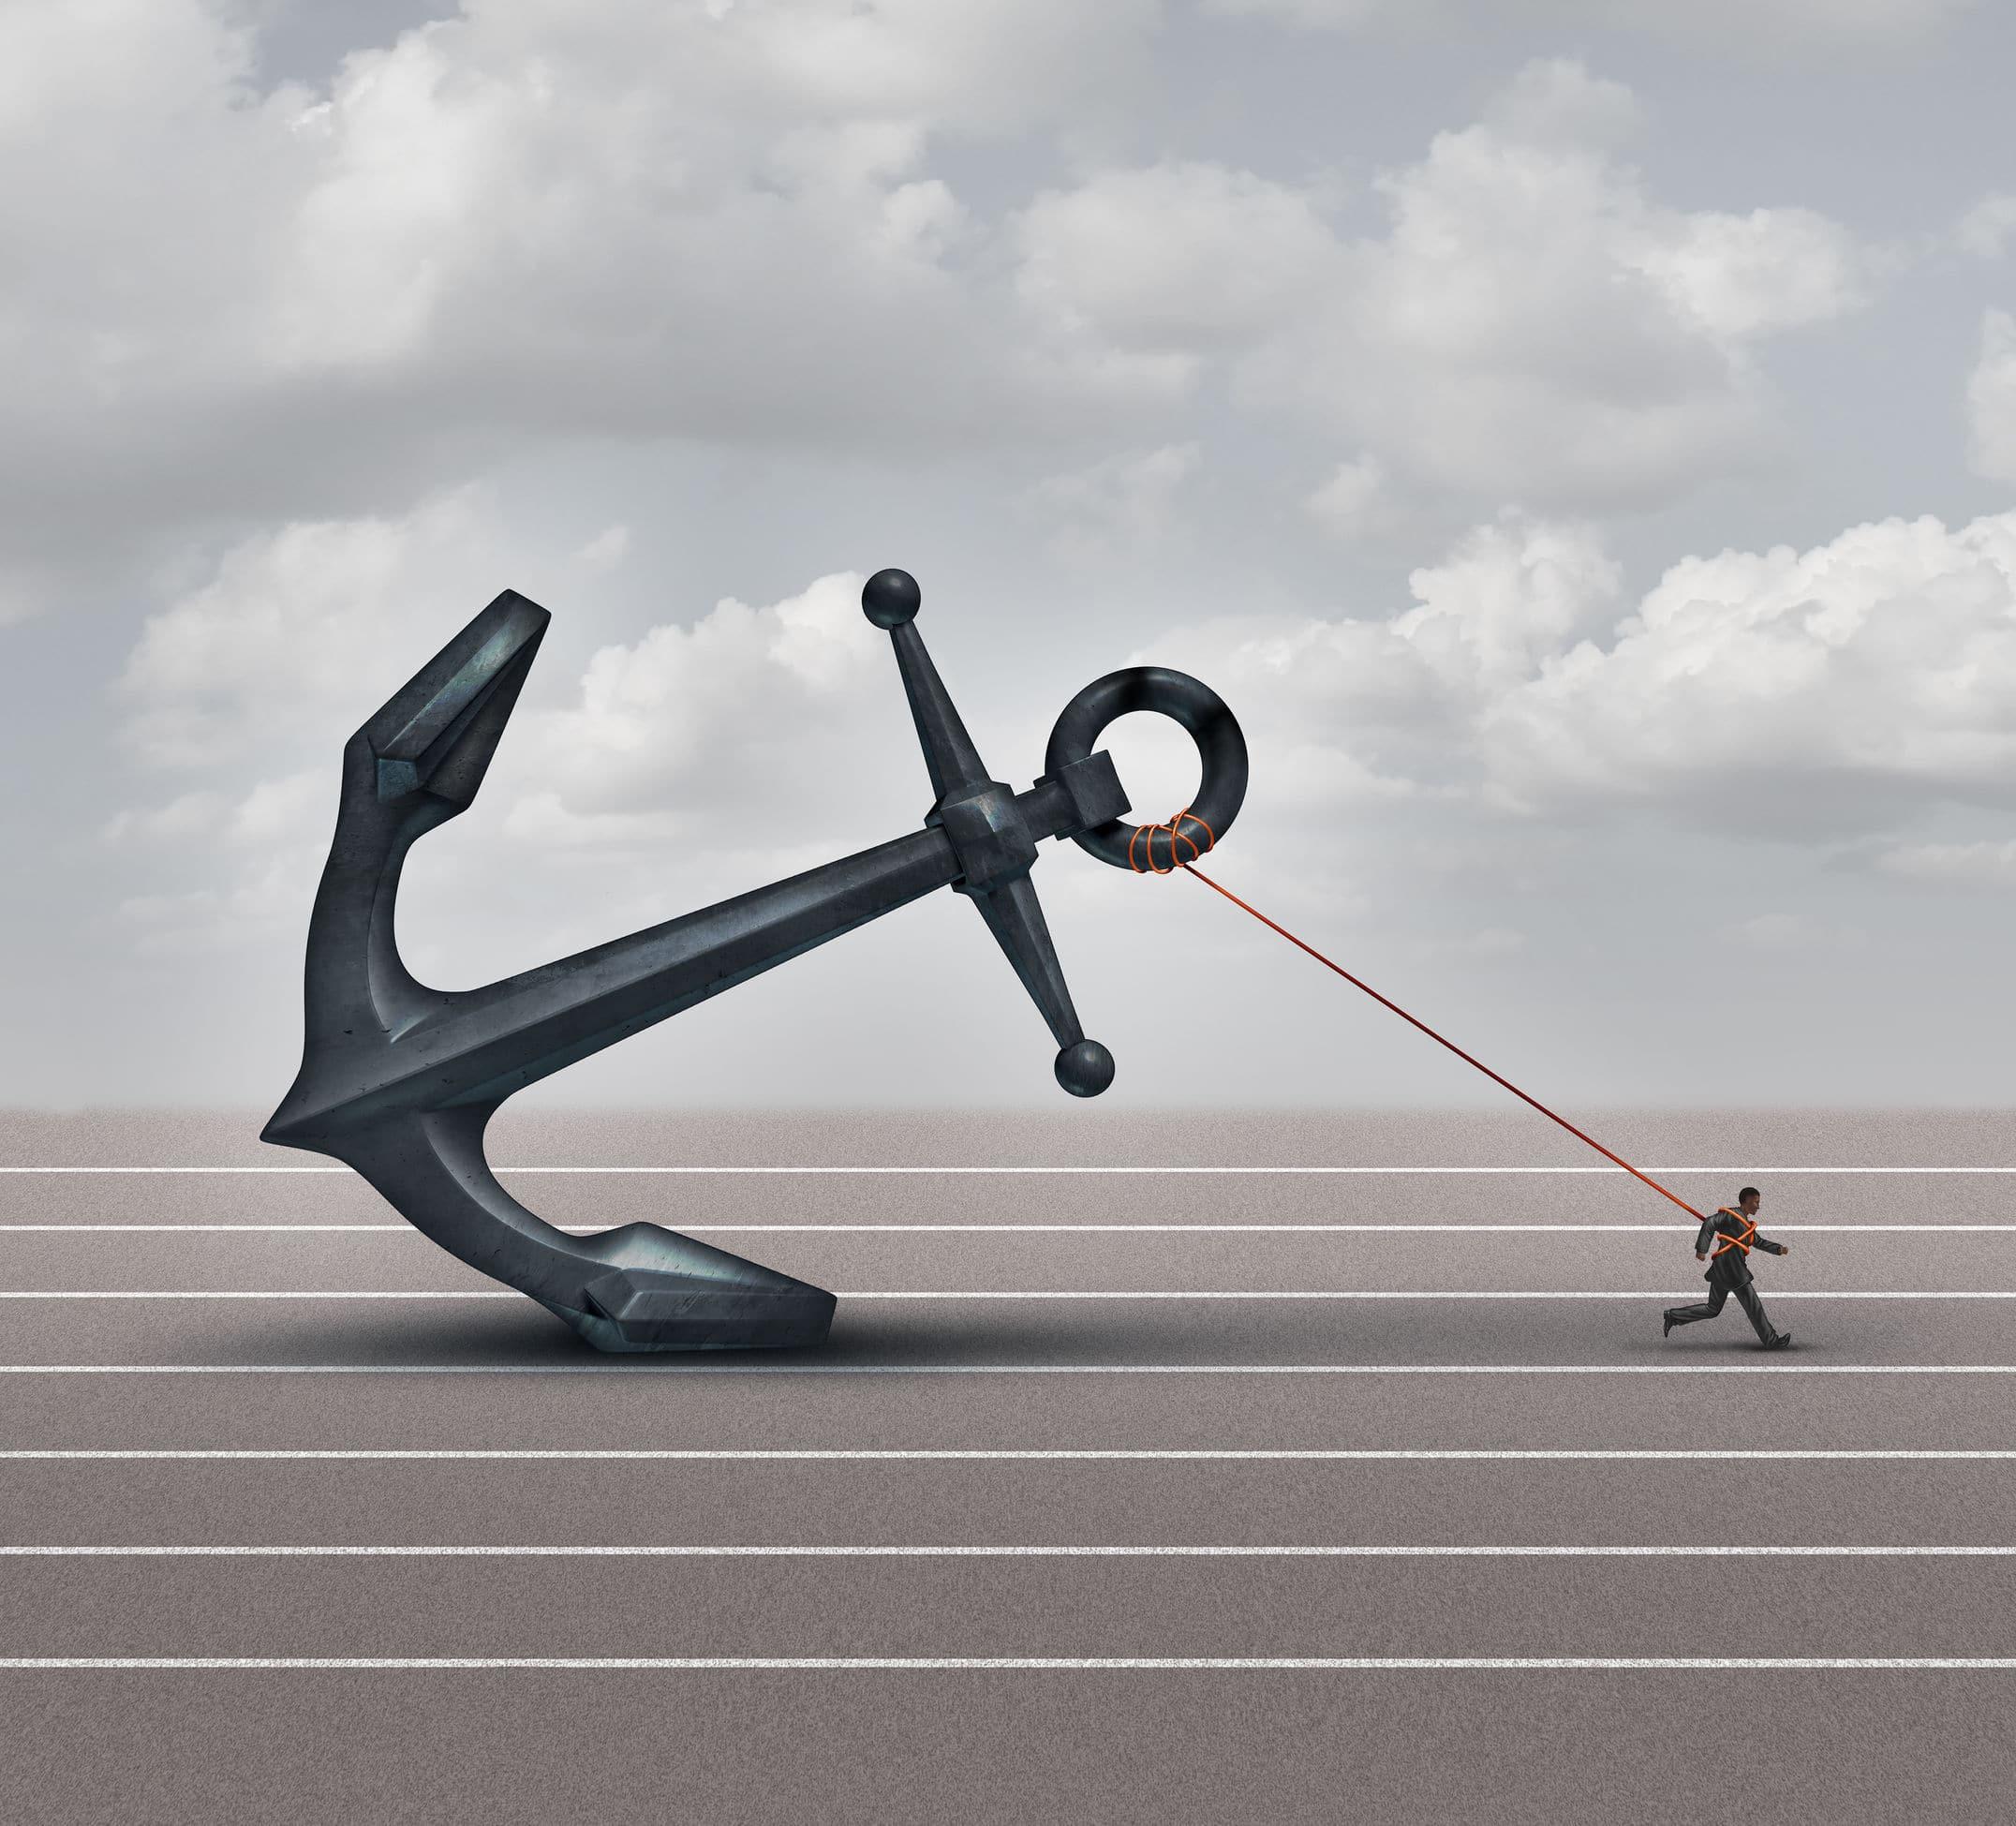 Imagem de homem puxando uma âncora gigante em uma pista de corrida.